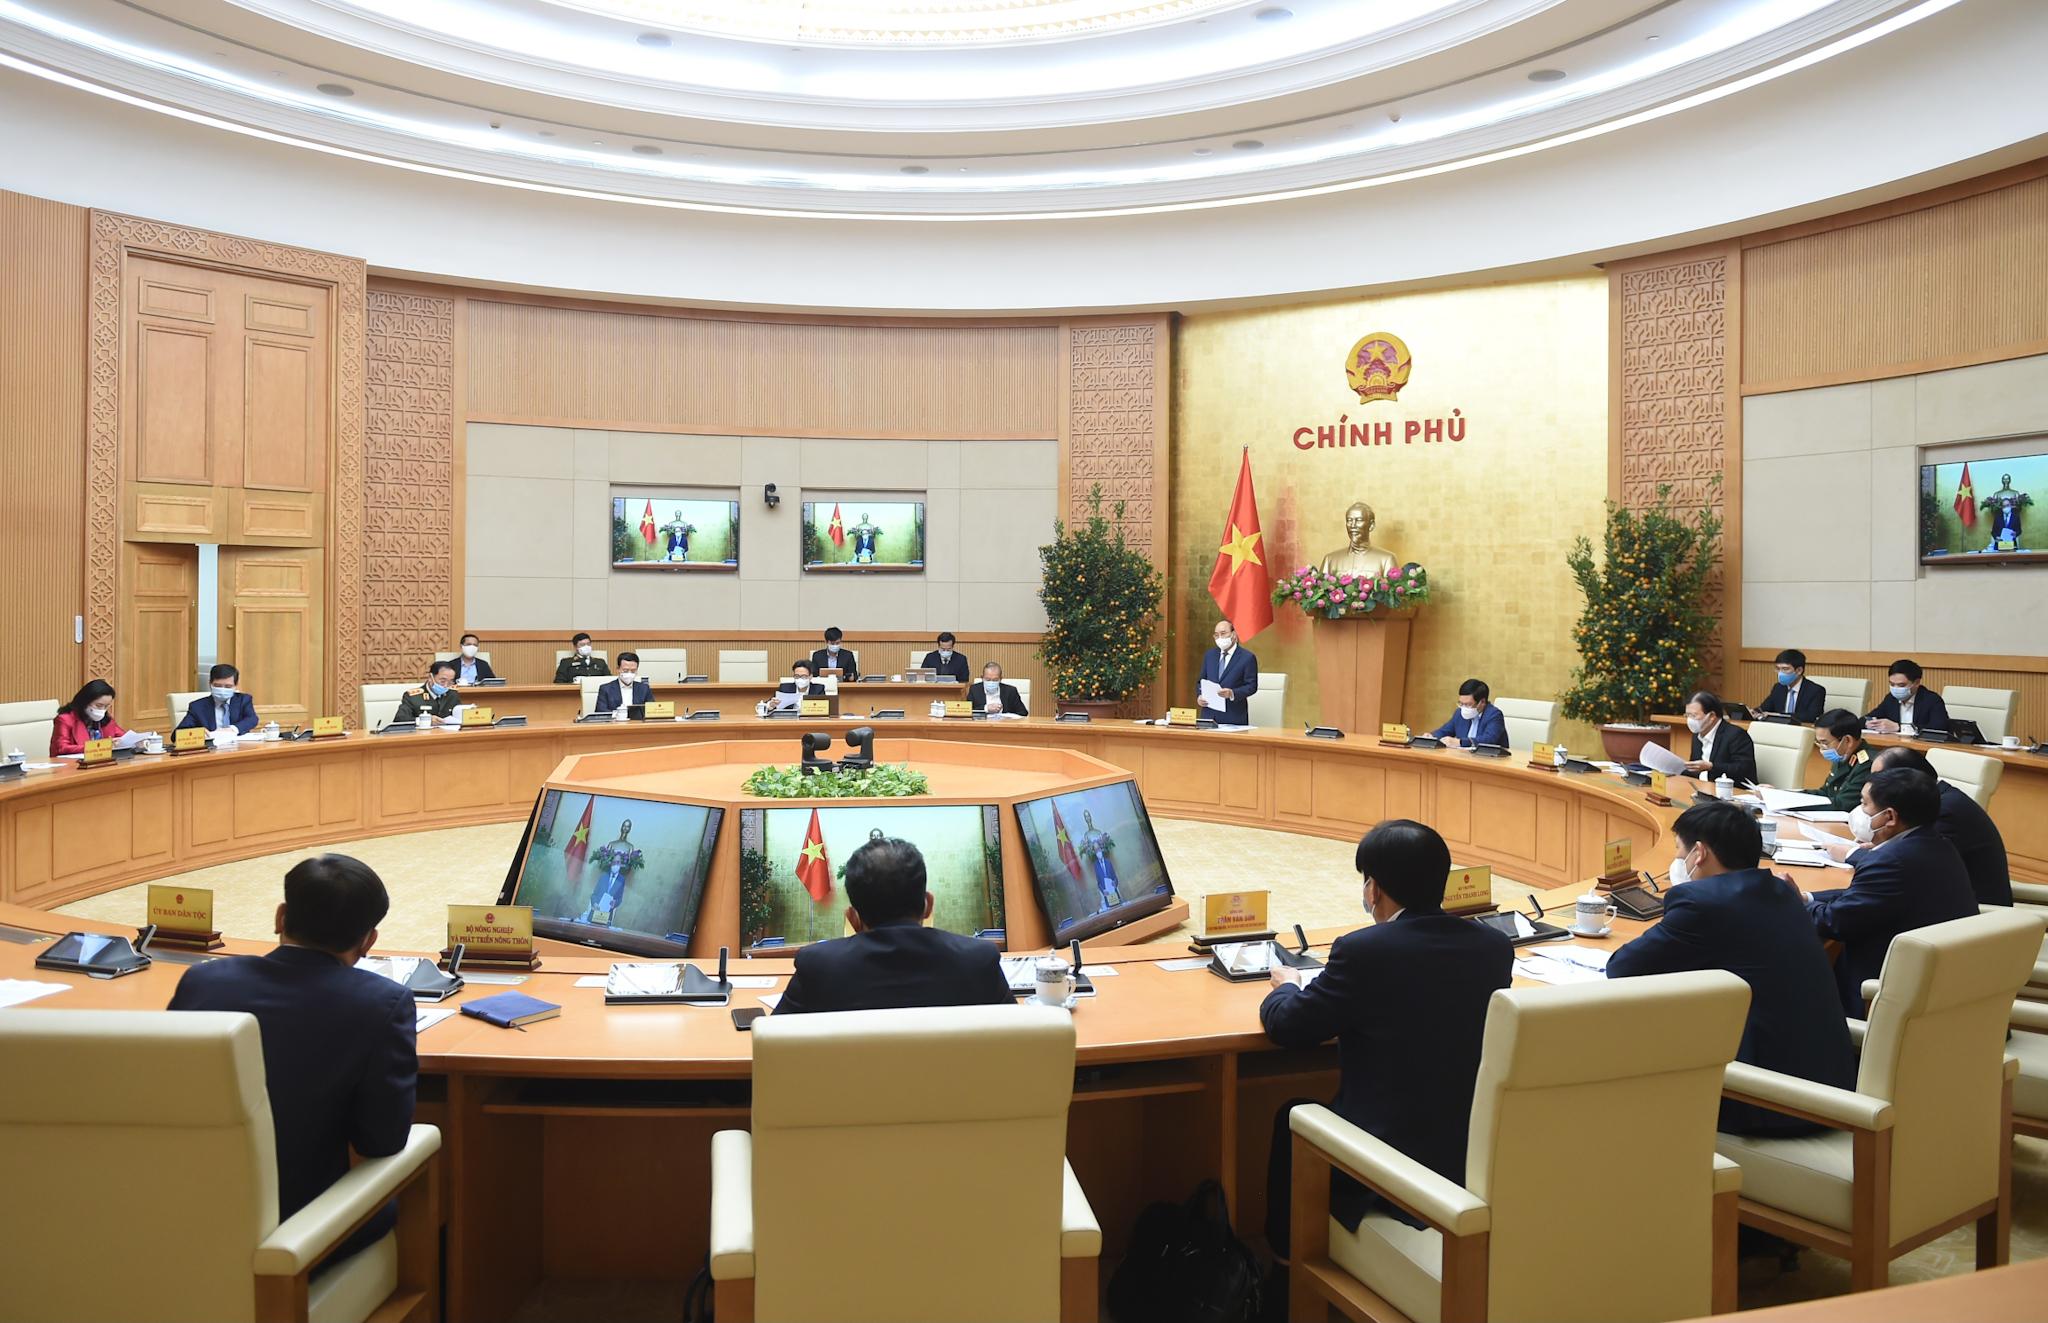 Cuộc họp Thường trực Chính phủ bàn về tình hình Tết, triển khai các nhiệm vụ trọng tâm sau Tết và công tác phòng chống dịch COVID-19